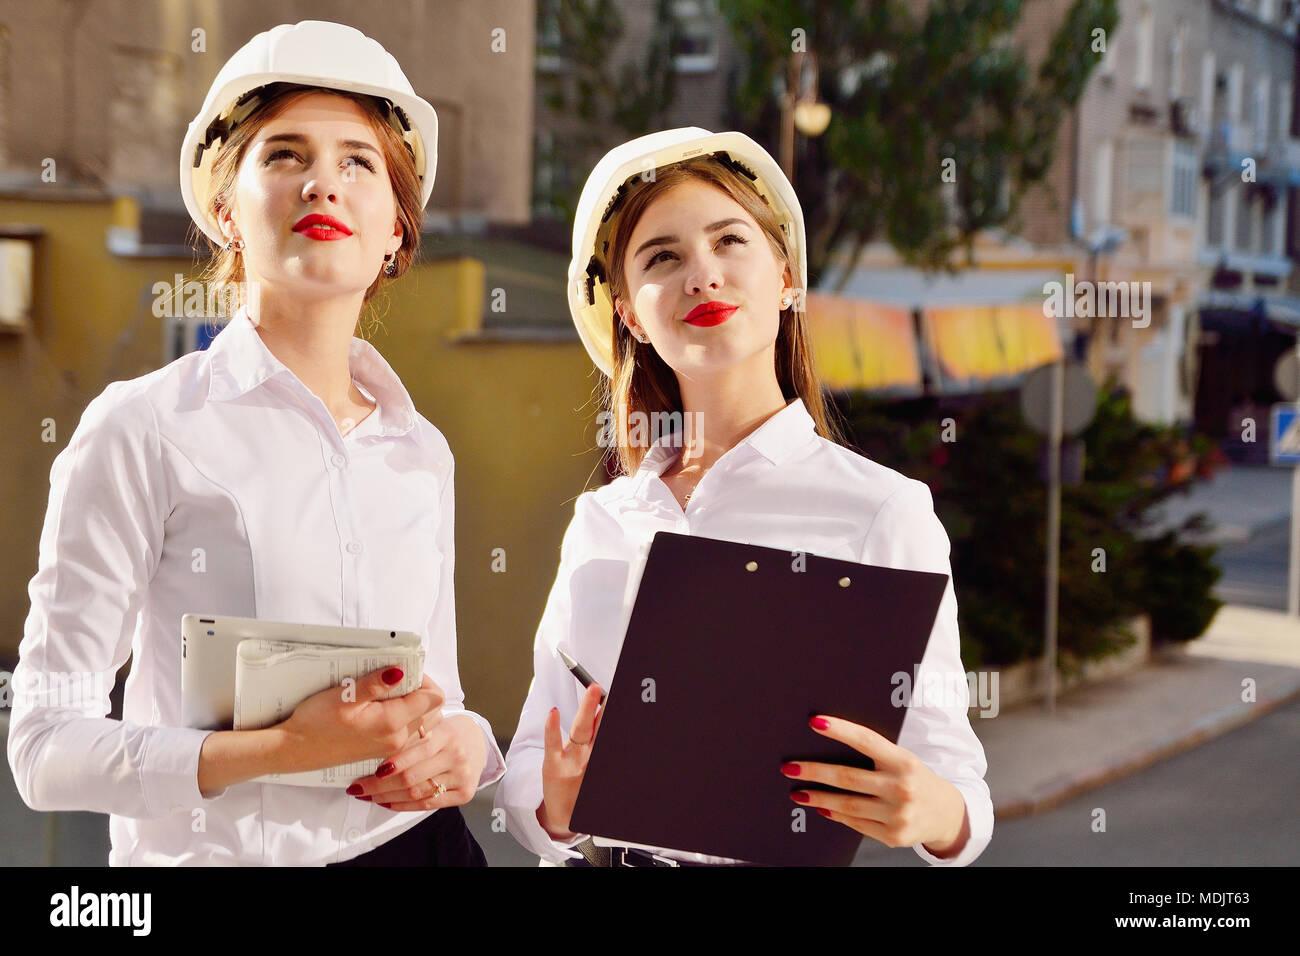 Mädchen in Gebäude weiße Helme mit Tabletten in die Hand. Frauen sind Ingenieure. Weibliche Berufe. Stockbild